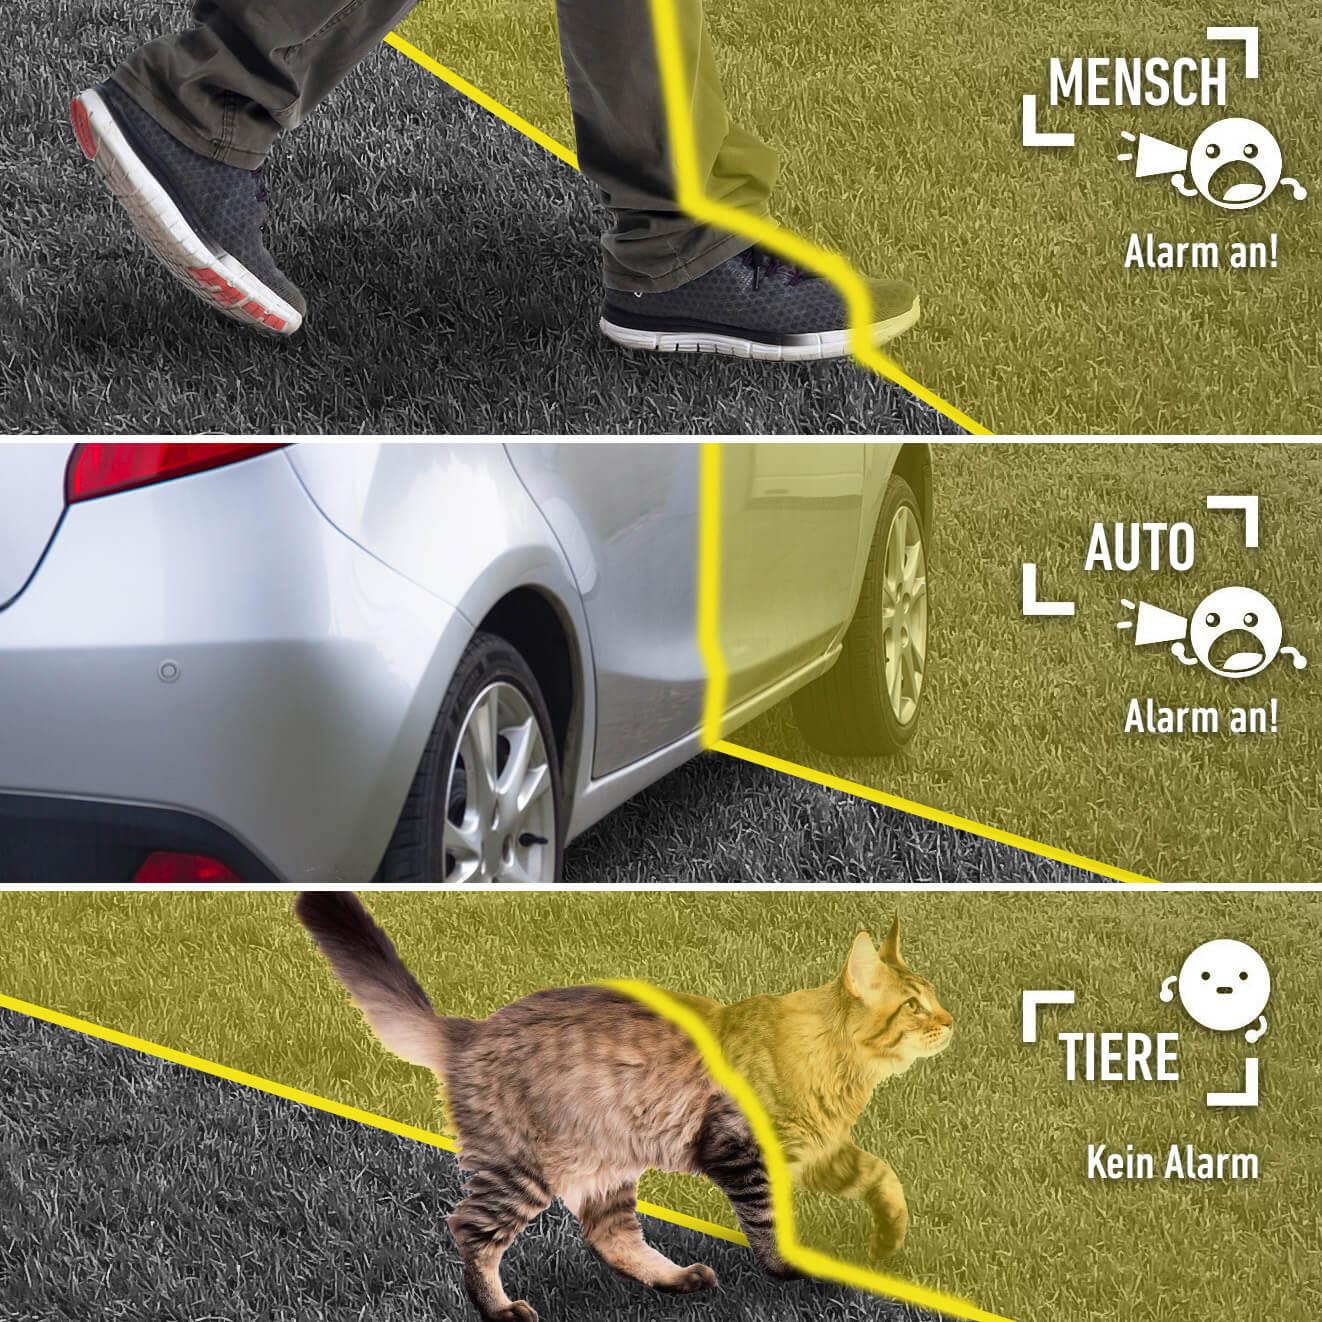 Hikvision Acusense unterscheidet zwischen Mensch, Fahrzeug und Tier